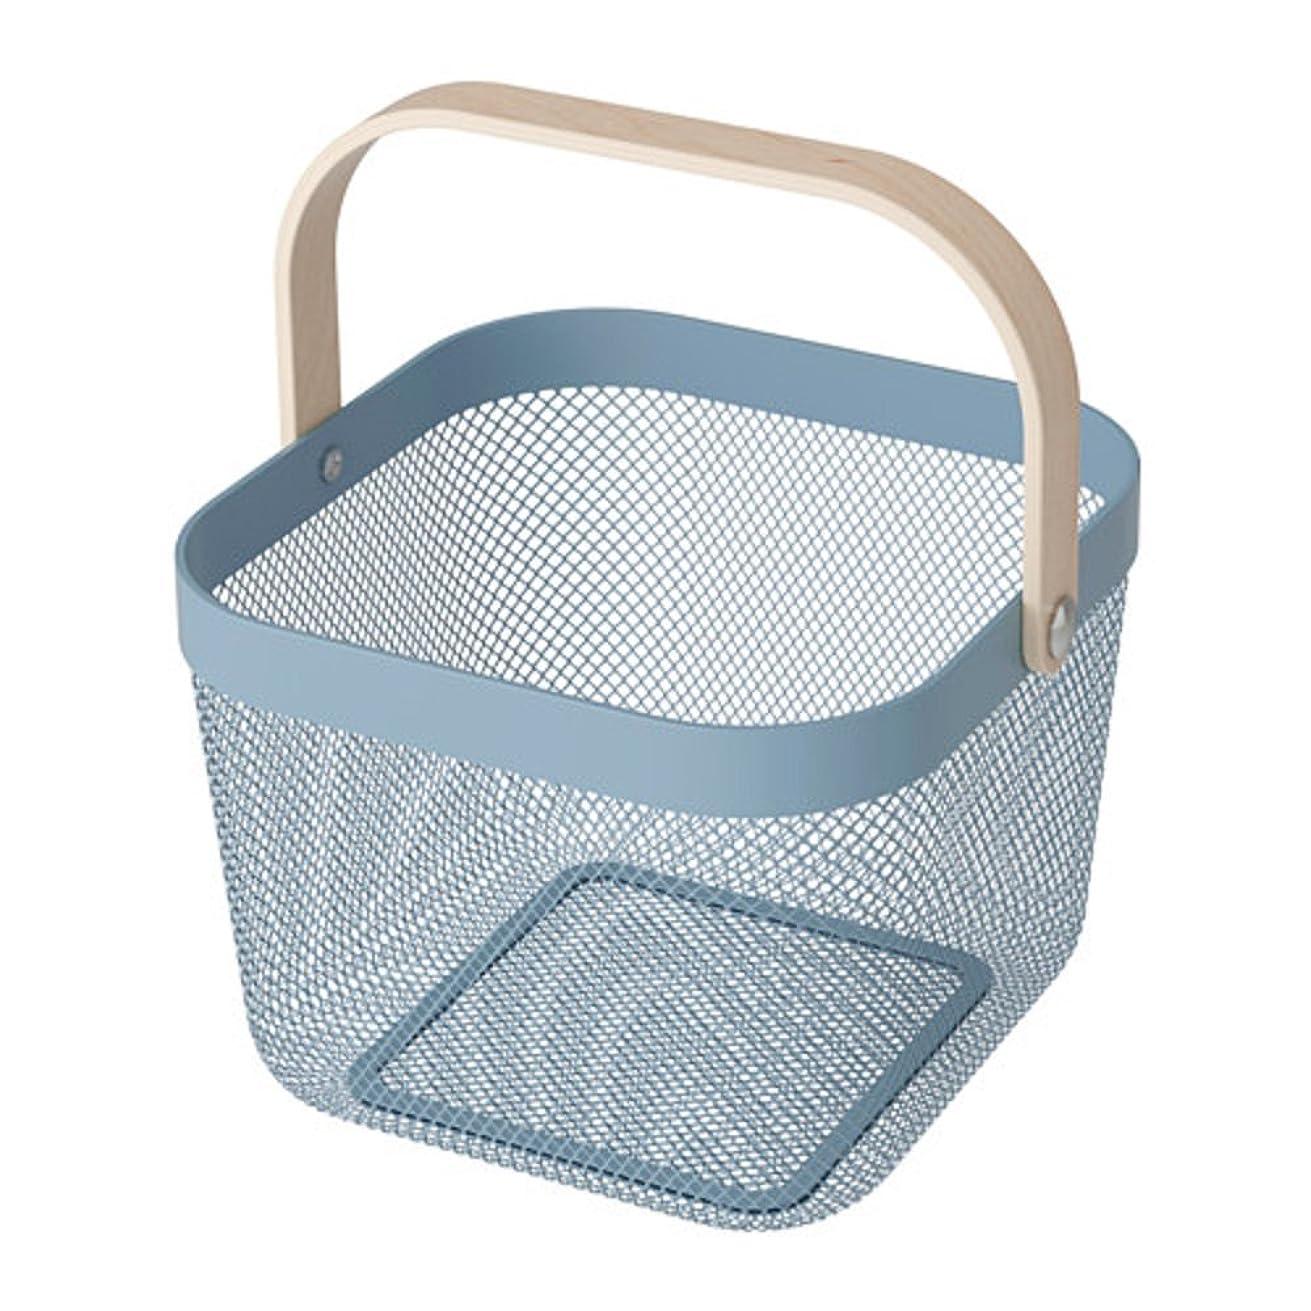 基本的な合併金額IKEA/イケア RISATORP :バスケット25x26x18 cm ブルー (503.504.87)